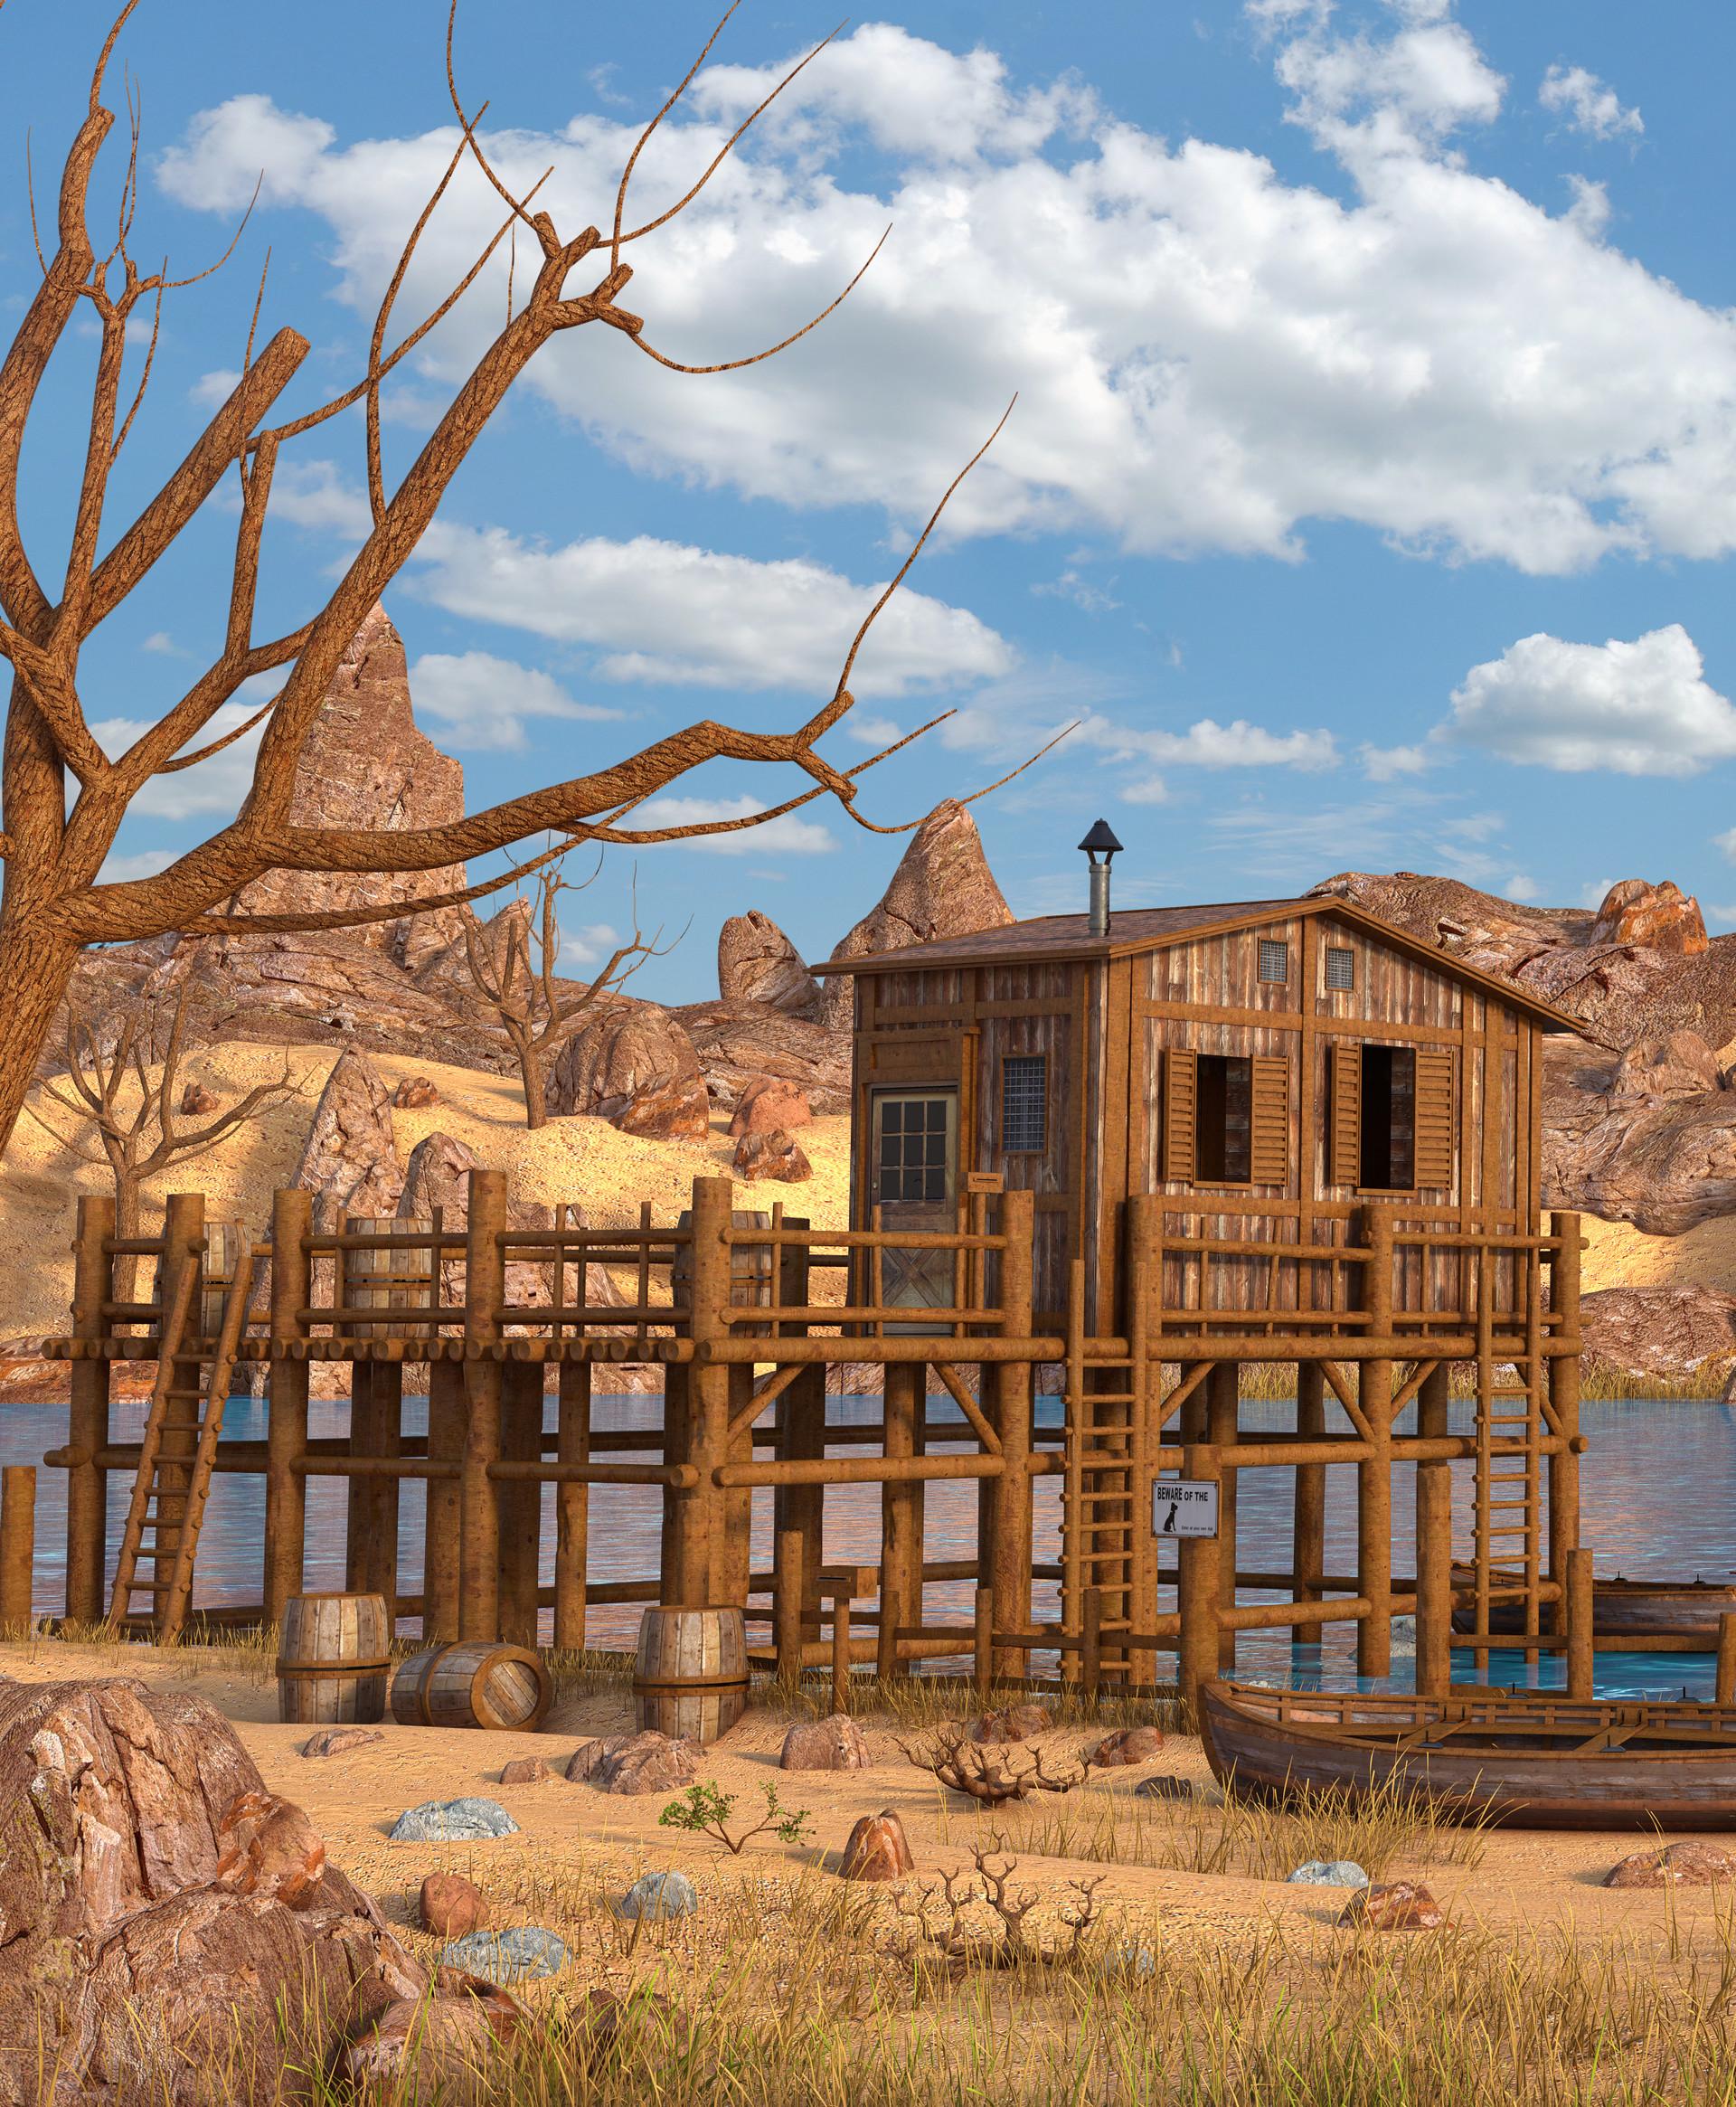 Marc mons landscape2